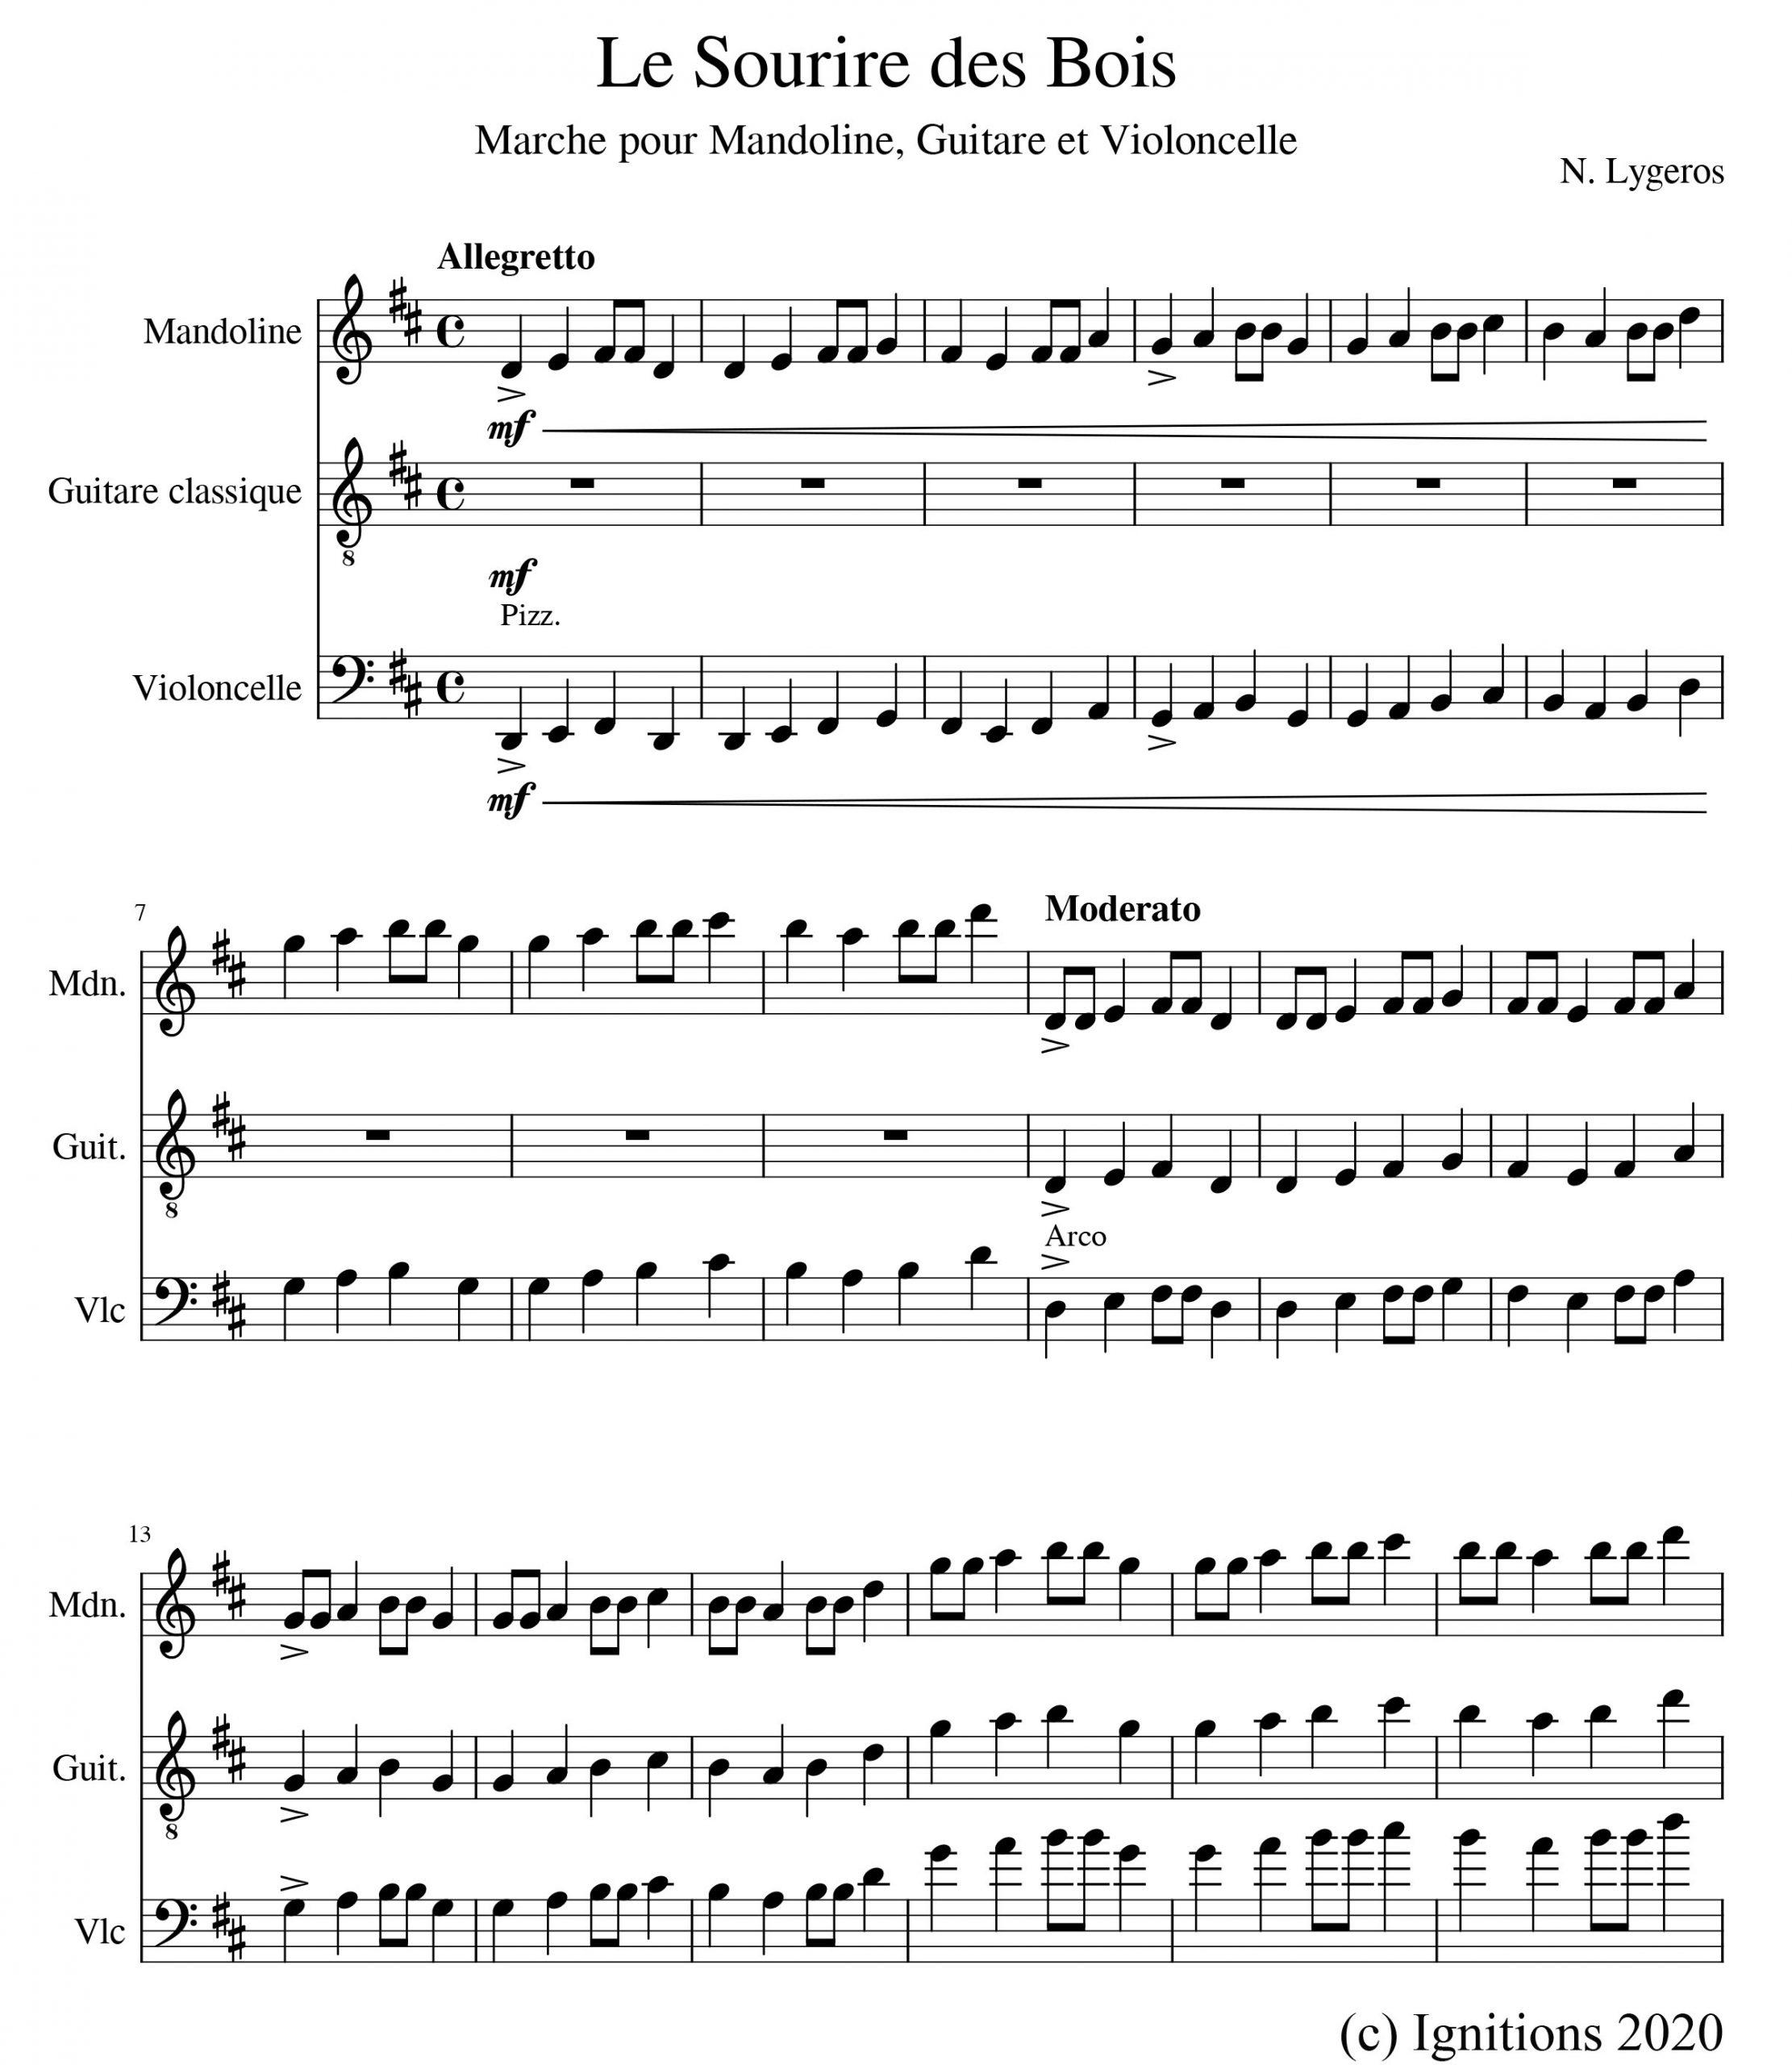 56419-Le Sourire des Bois. (Marche pour Mandoline, Guitare et Violoncelle).